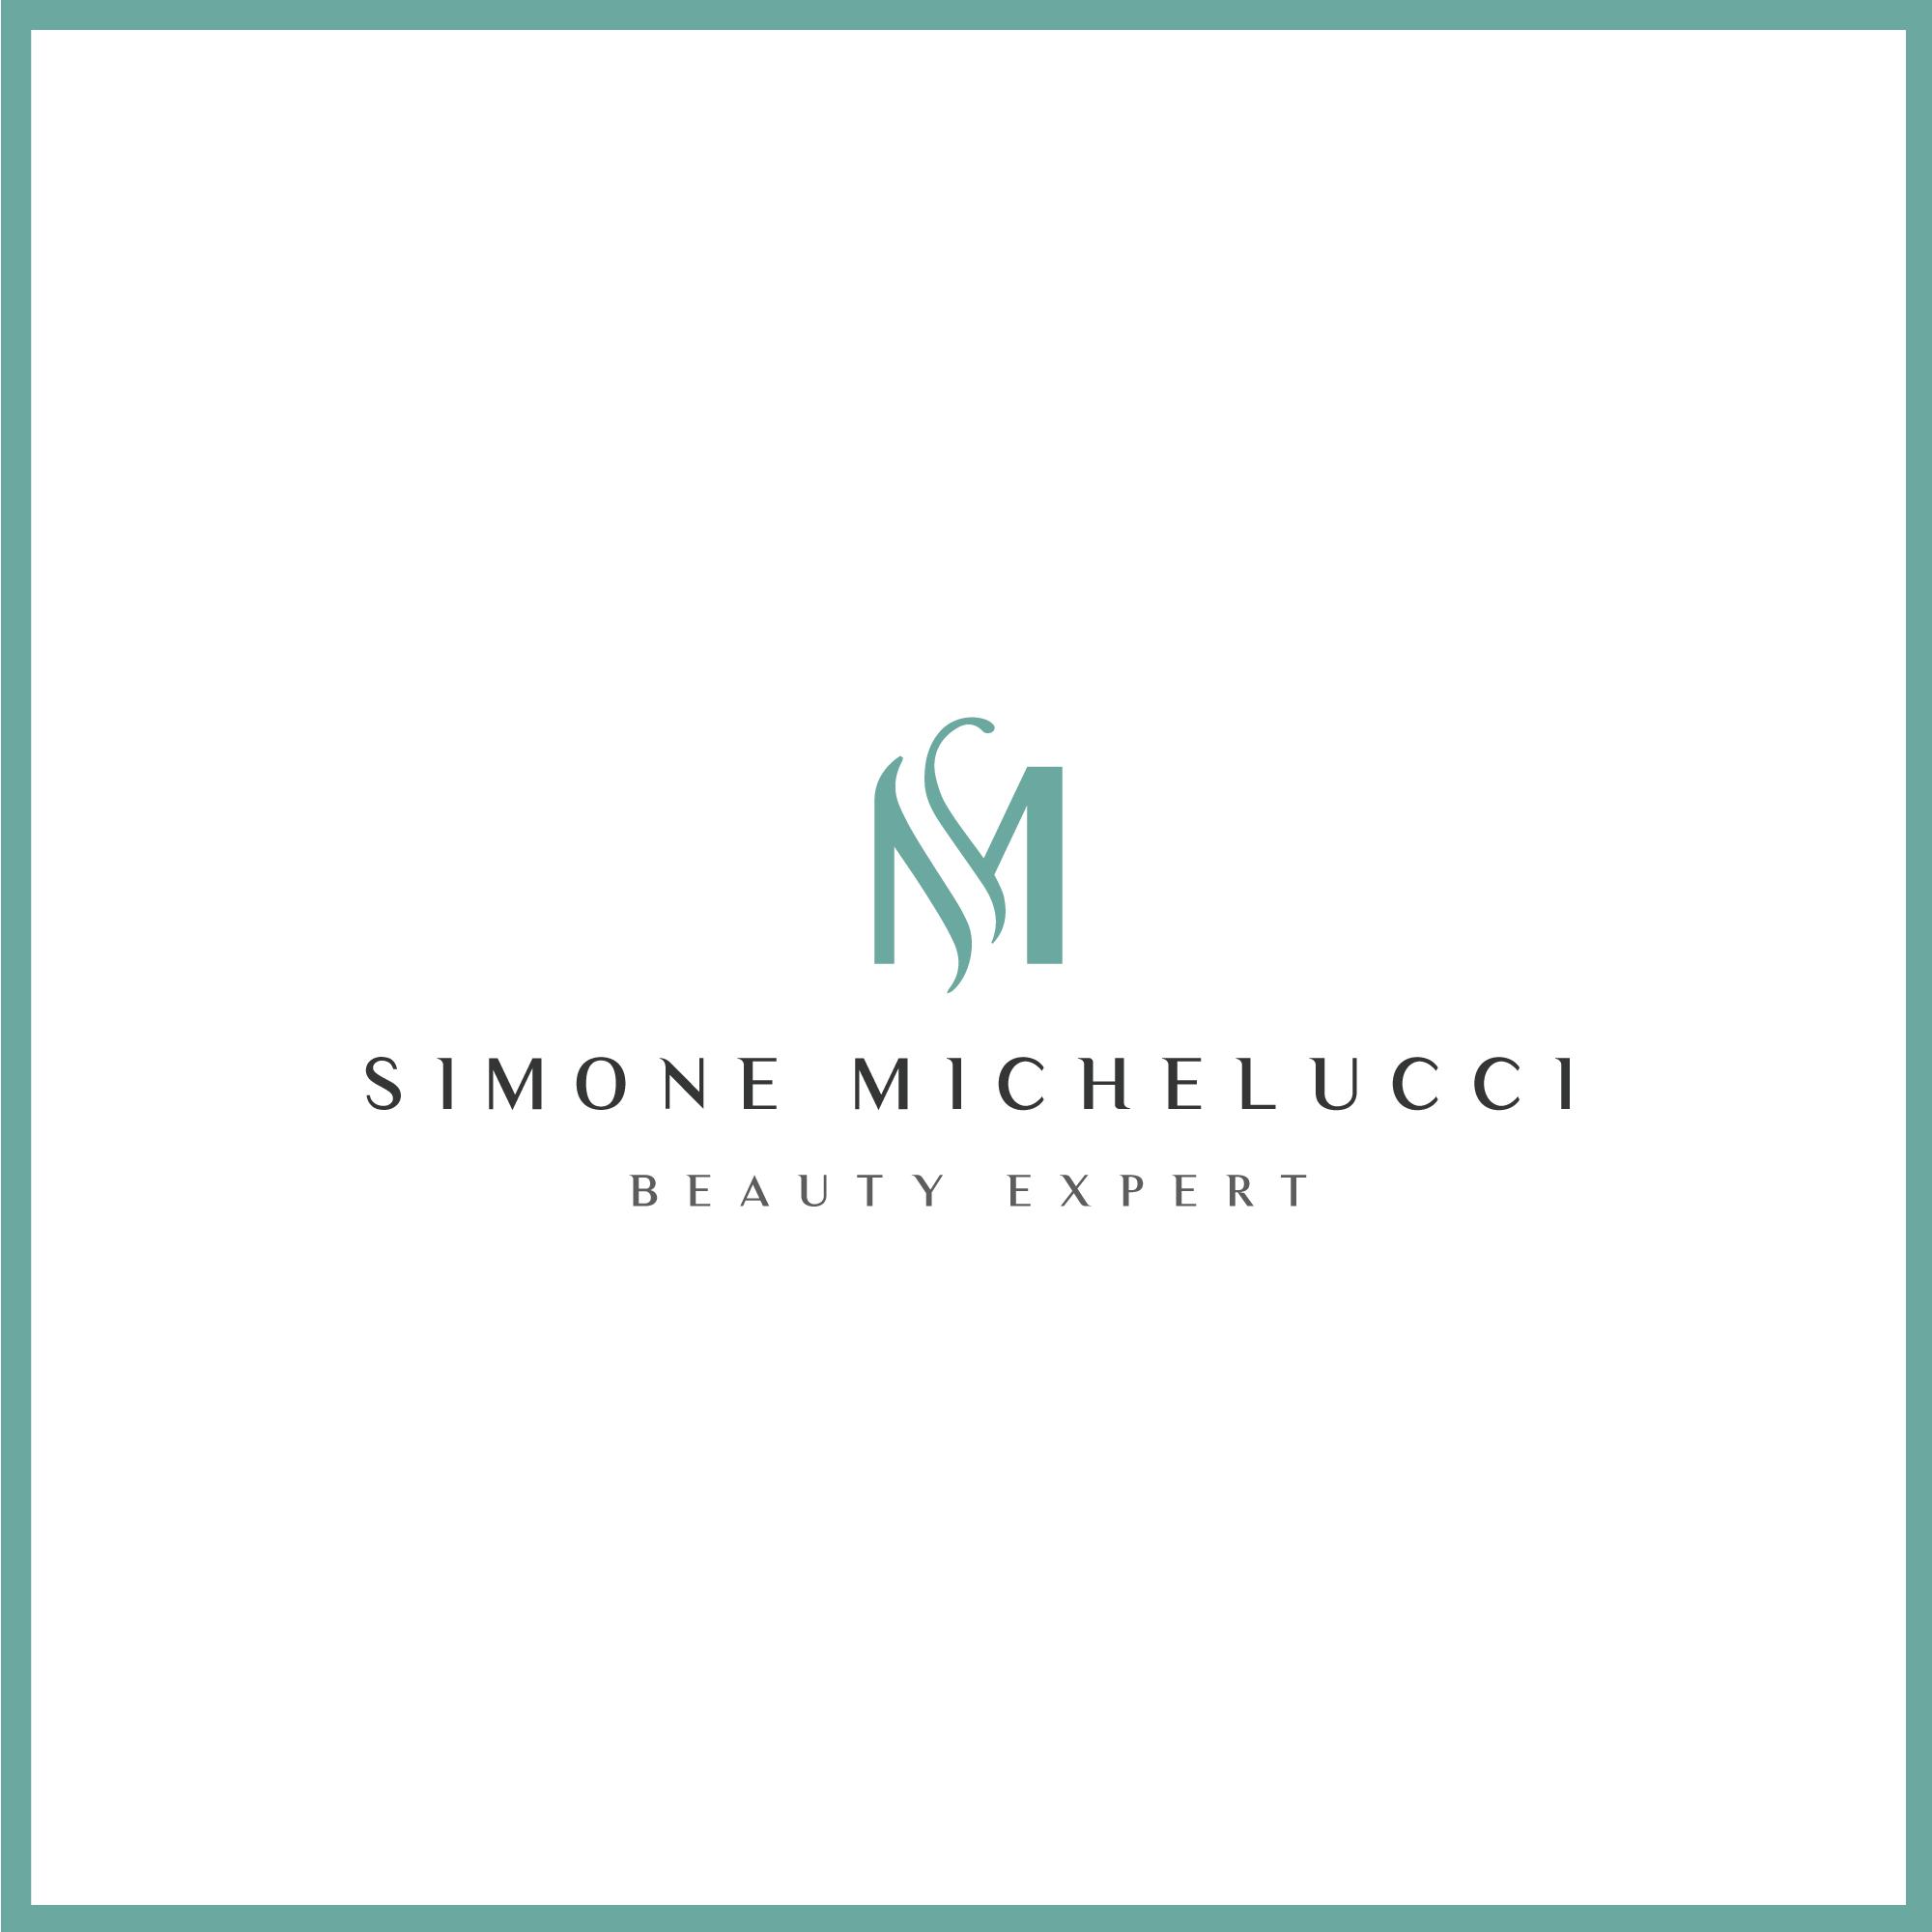 creare logo ed immagine esperto di bellezza e cosmetica